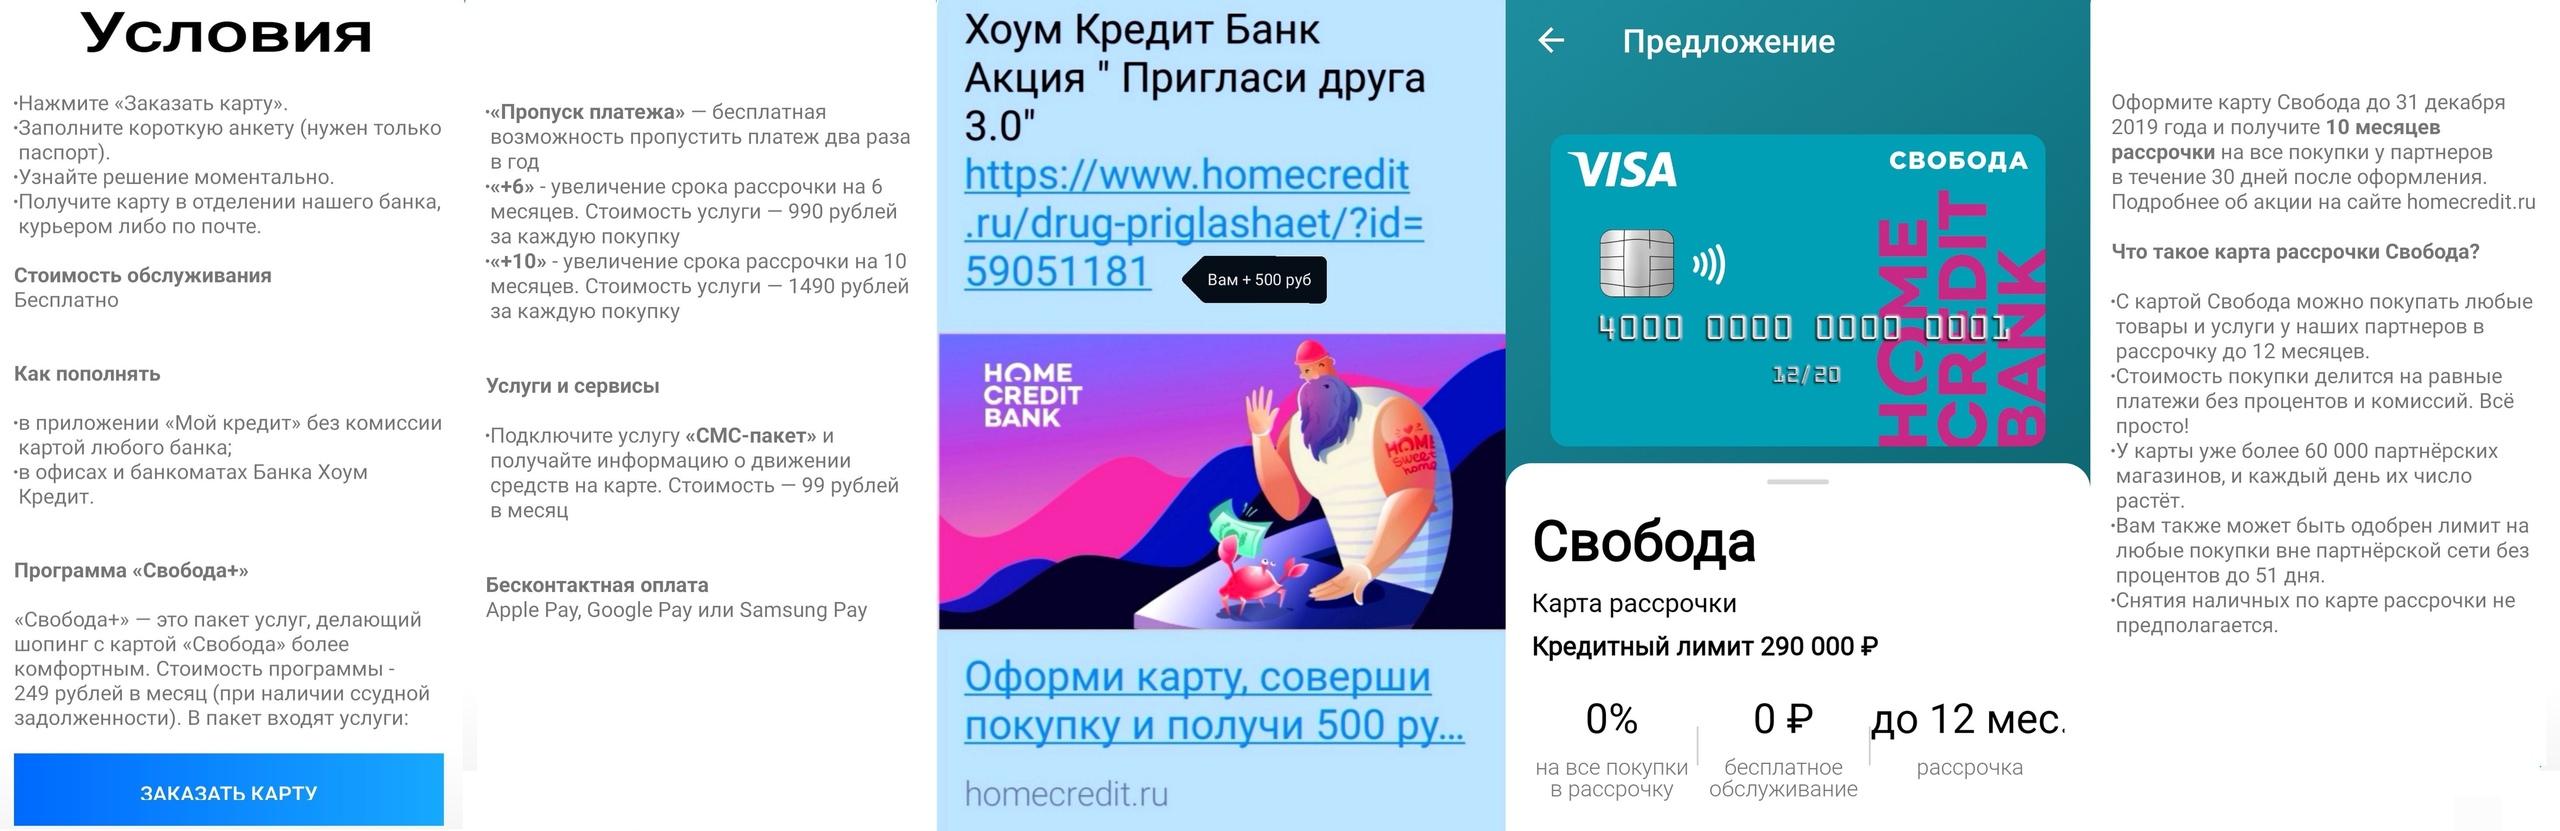 партнёры банка хоум кредит по карте рассрочки в уфе